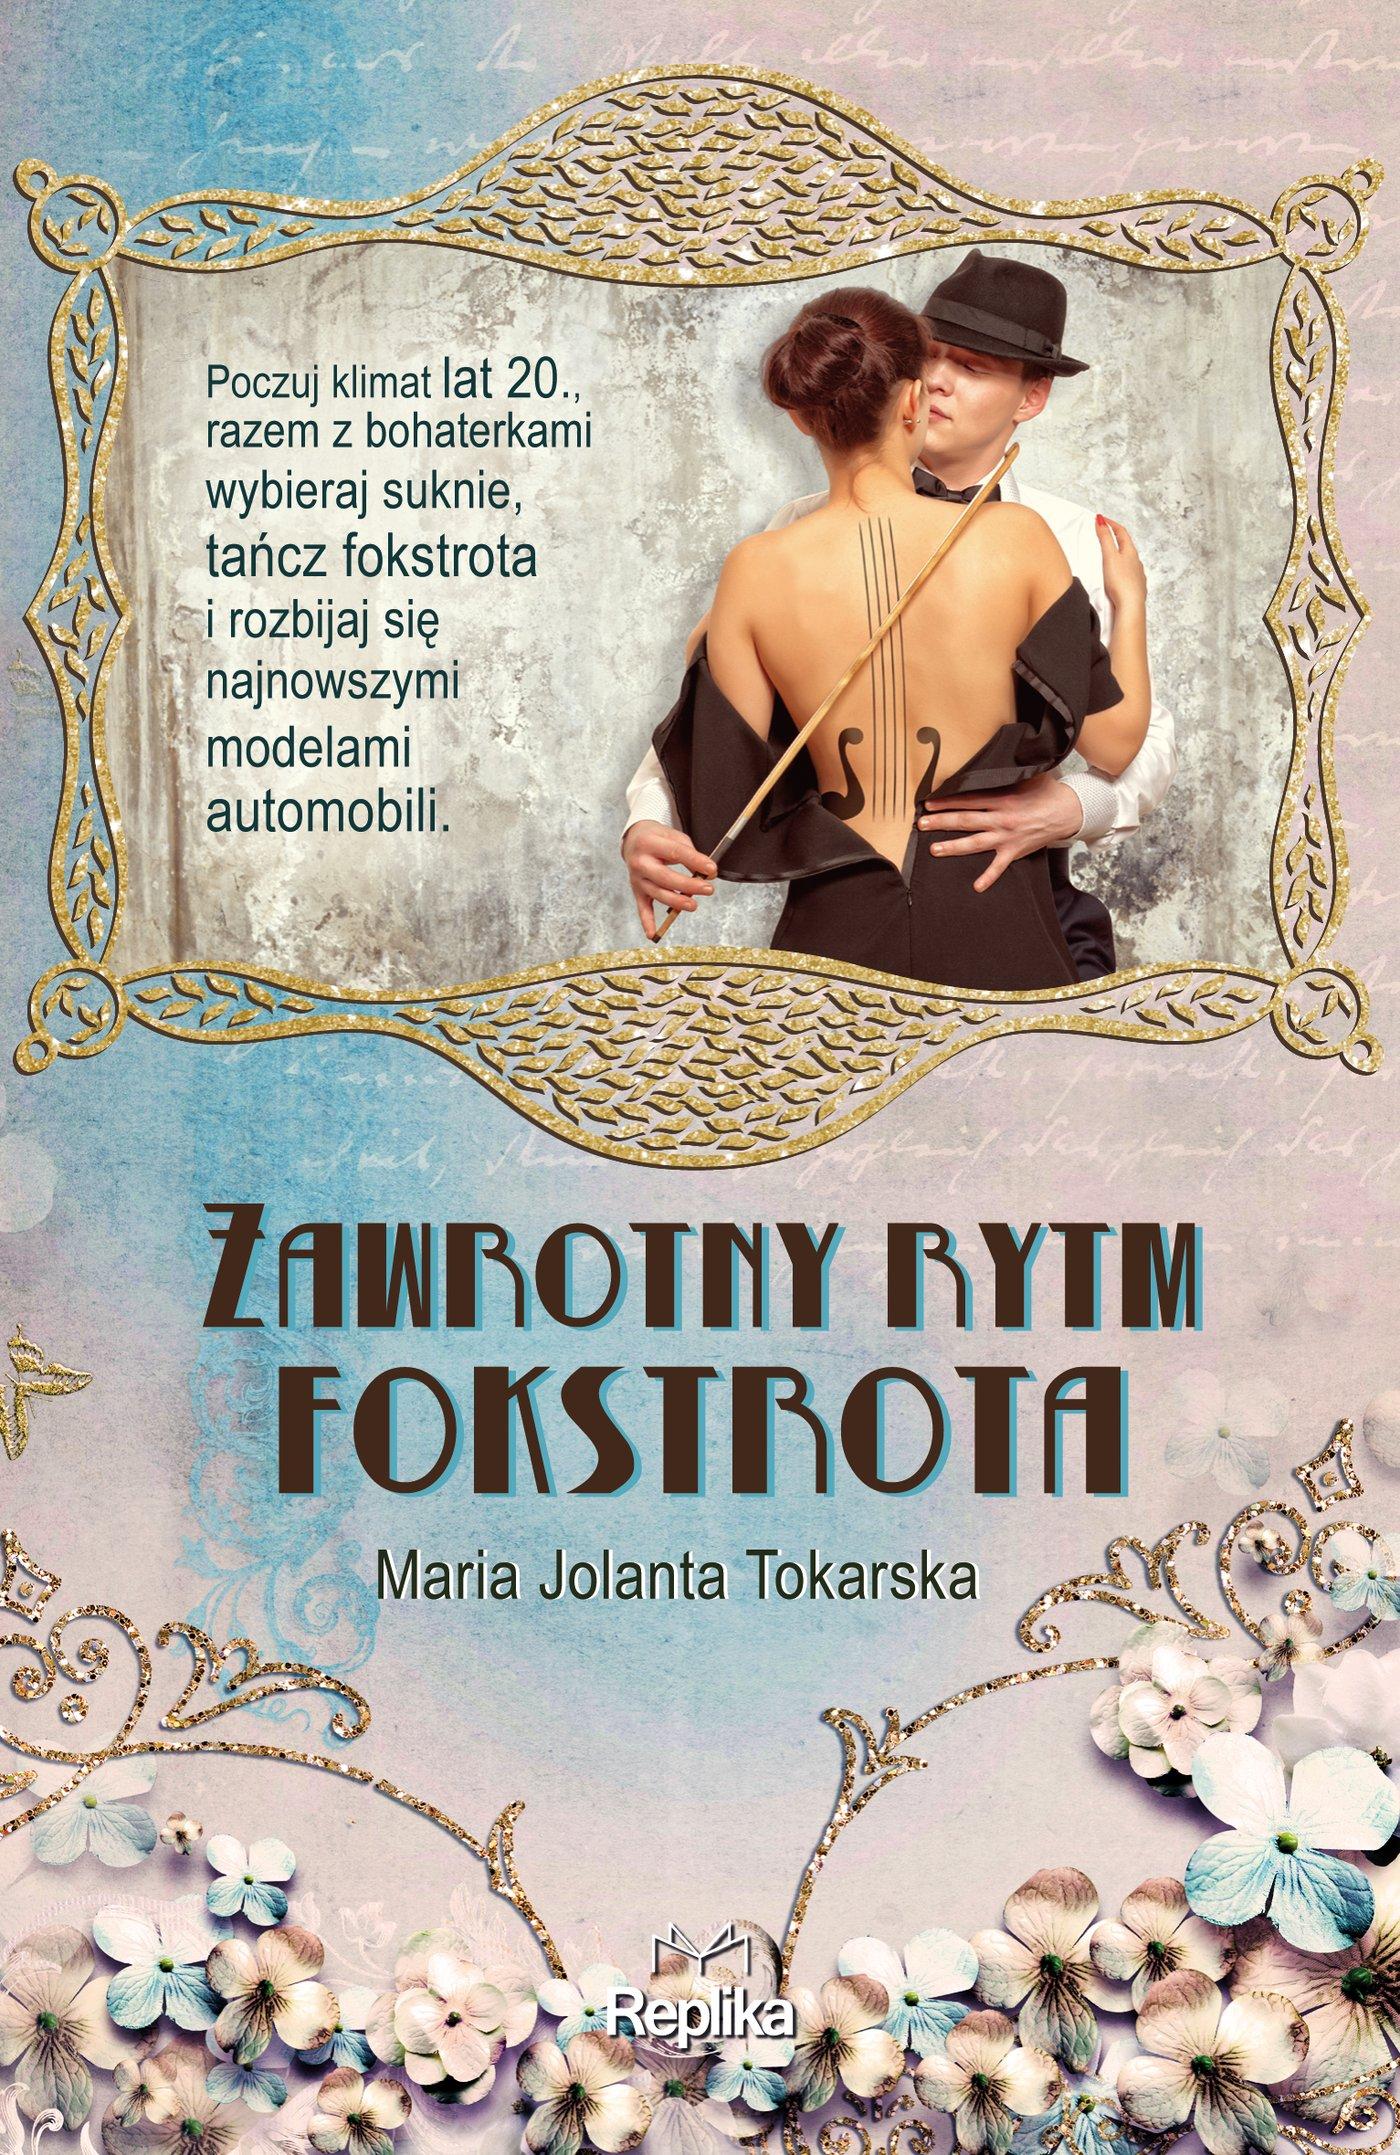 Zawrotny rytm fokstrota - Ebook (Książka EPUB) do pobrania w formacie EPUB